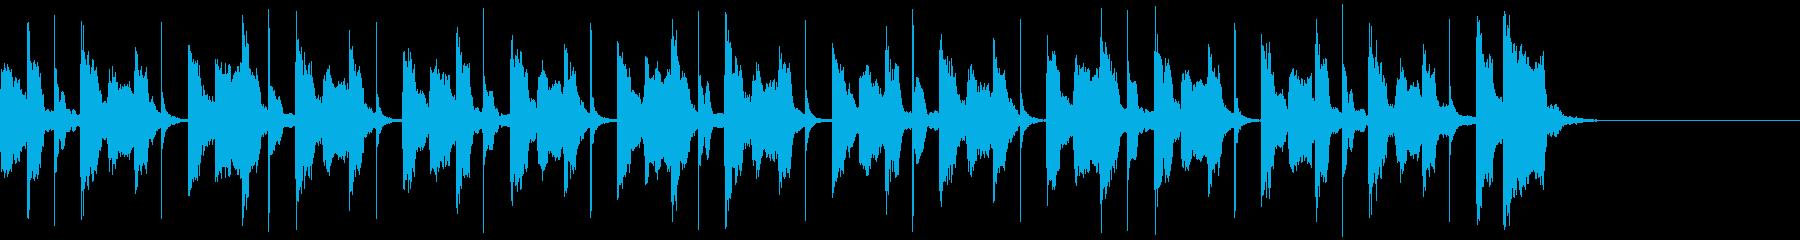 ほのぼのとした日常向けのBGM。の再生済みの波形